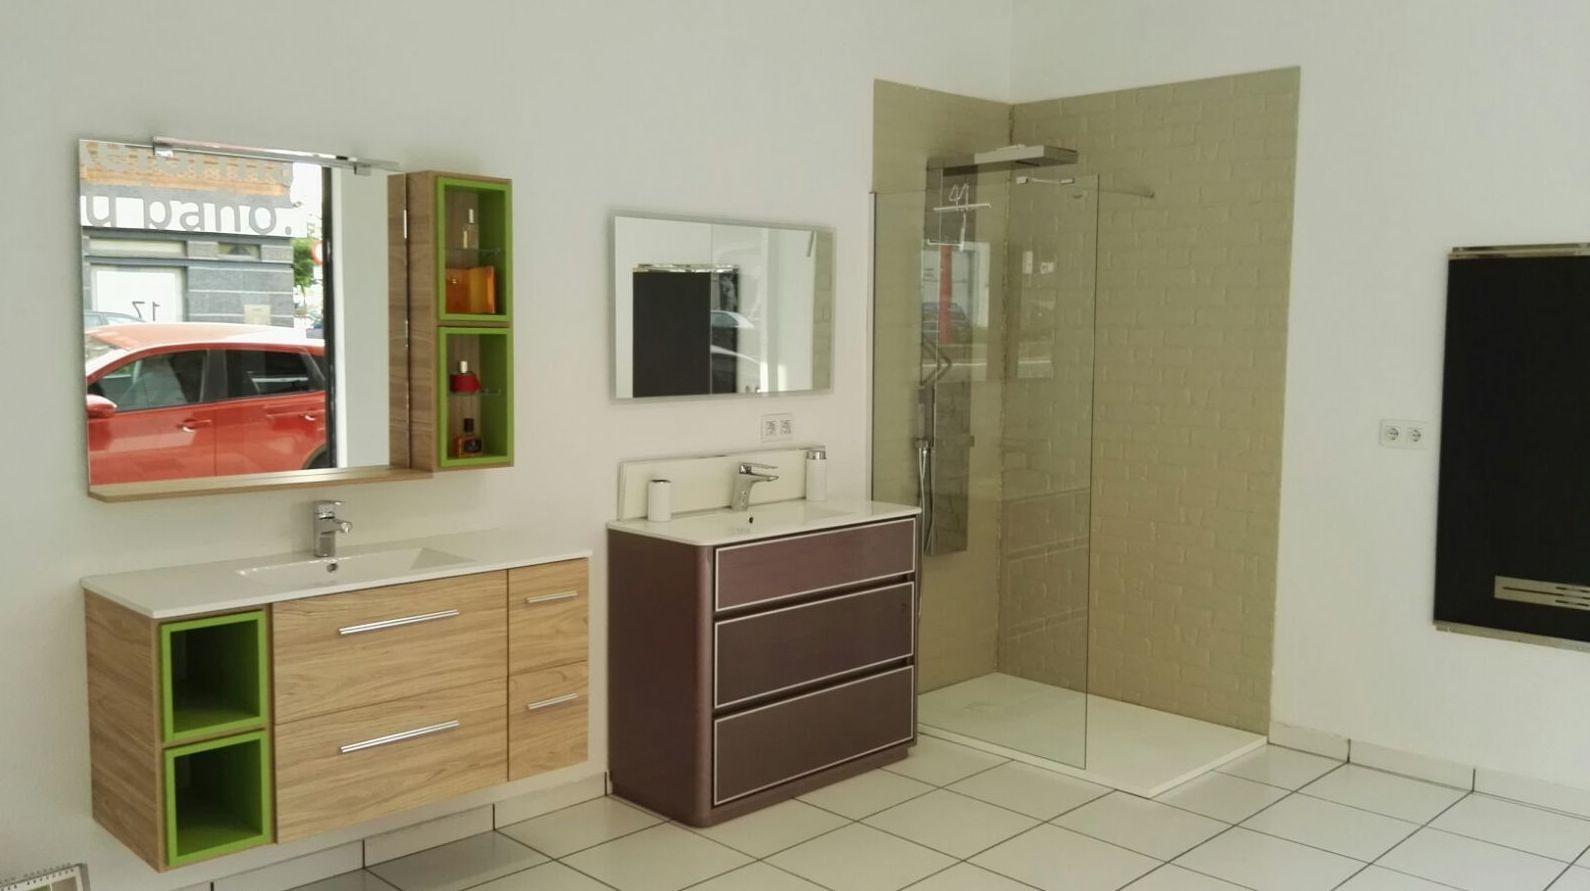 muebles de cocina sanvi en zaragoza ideas